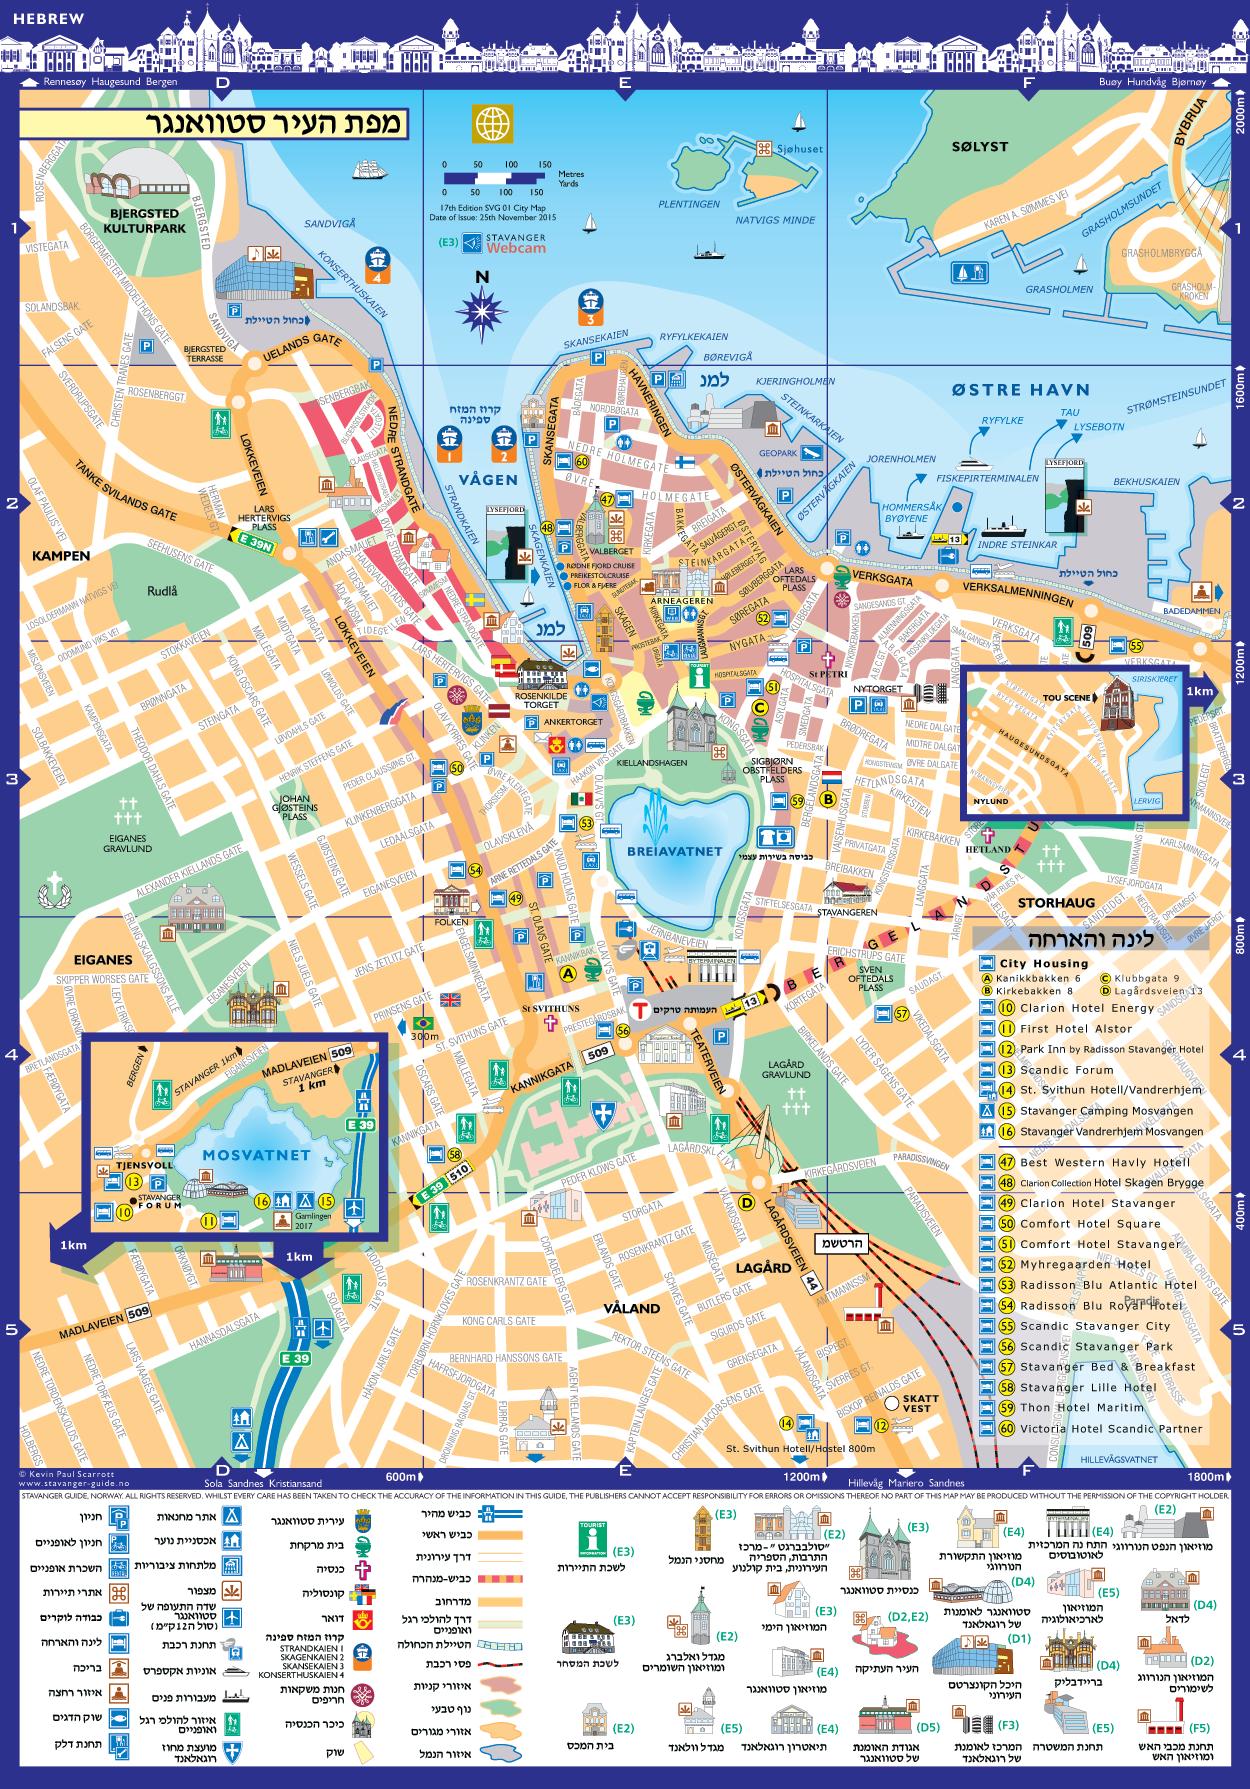 מפת העיר Stavanger